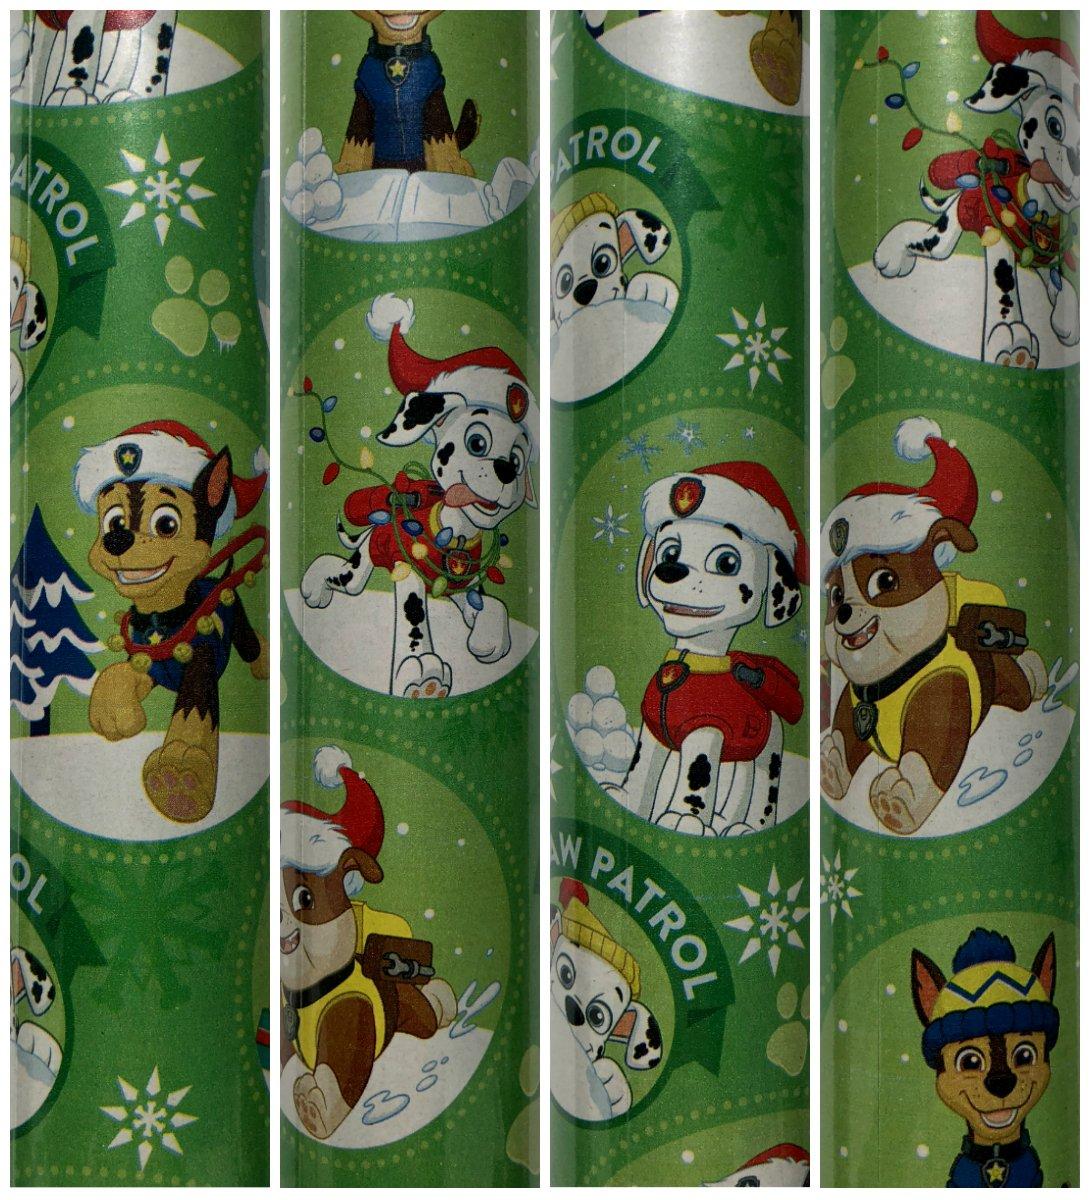 Unbekannt Grün Paw Patrol Weihnachten Geschenkpapier mit Chase ...